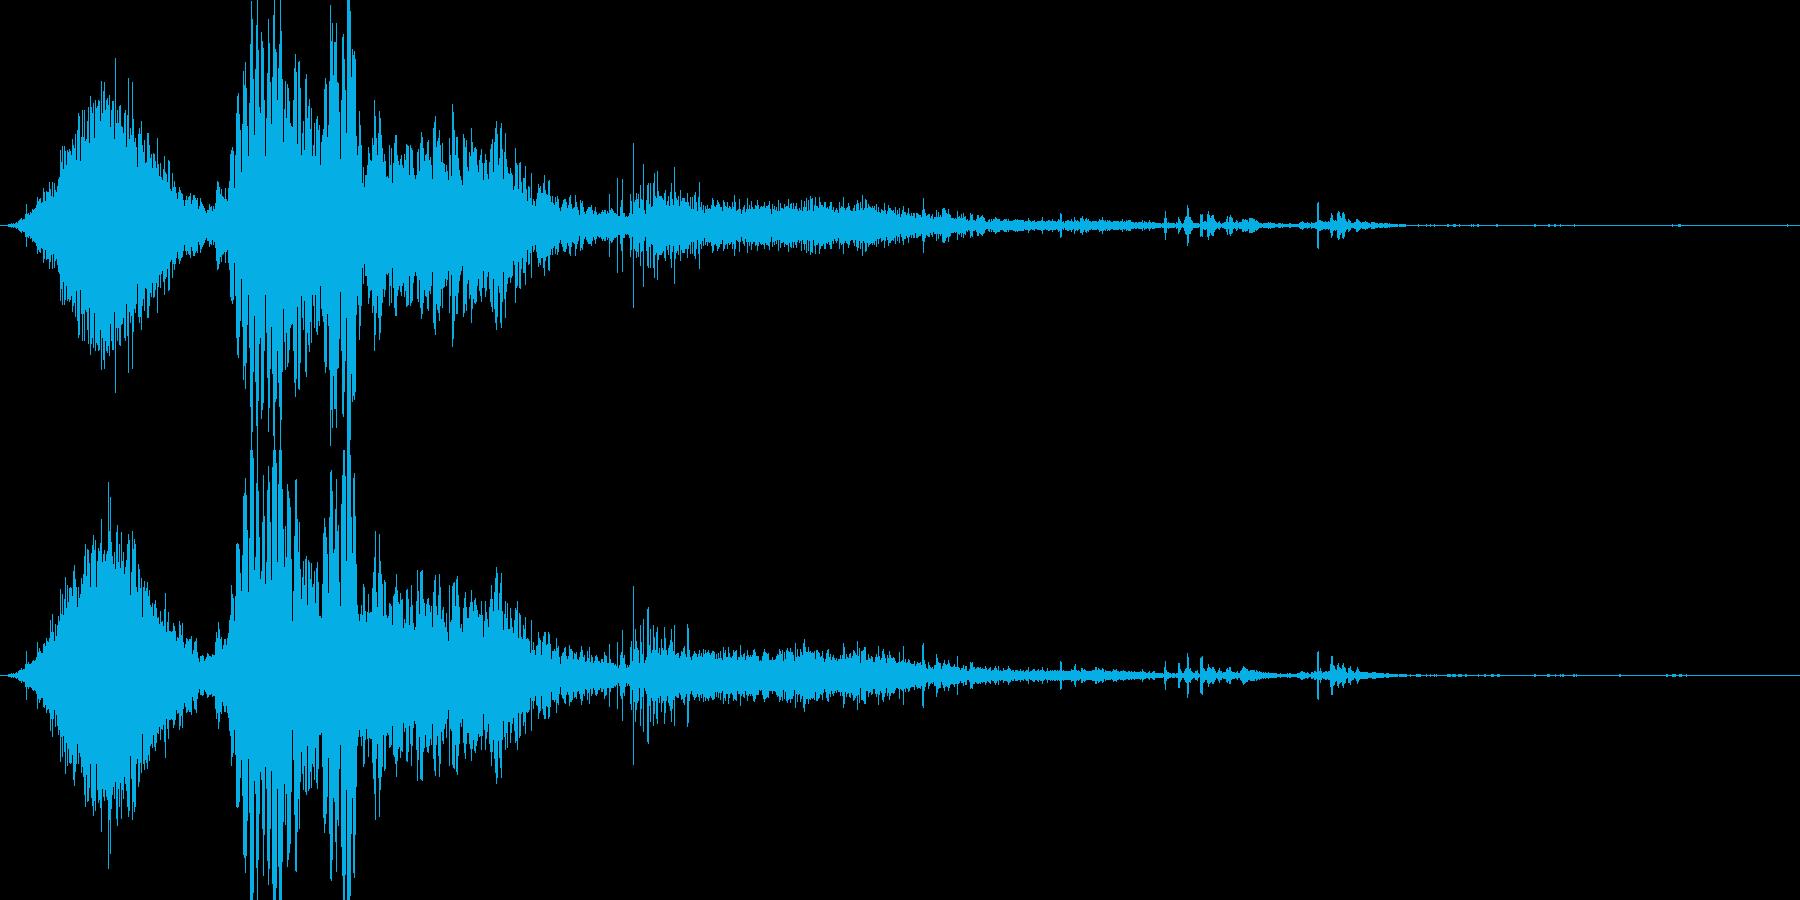 斬撃音(刀や剣で斬る/刺す効果音)10の再生済みの波形